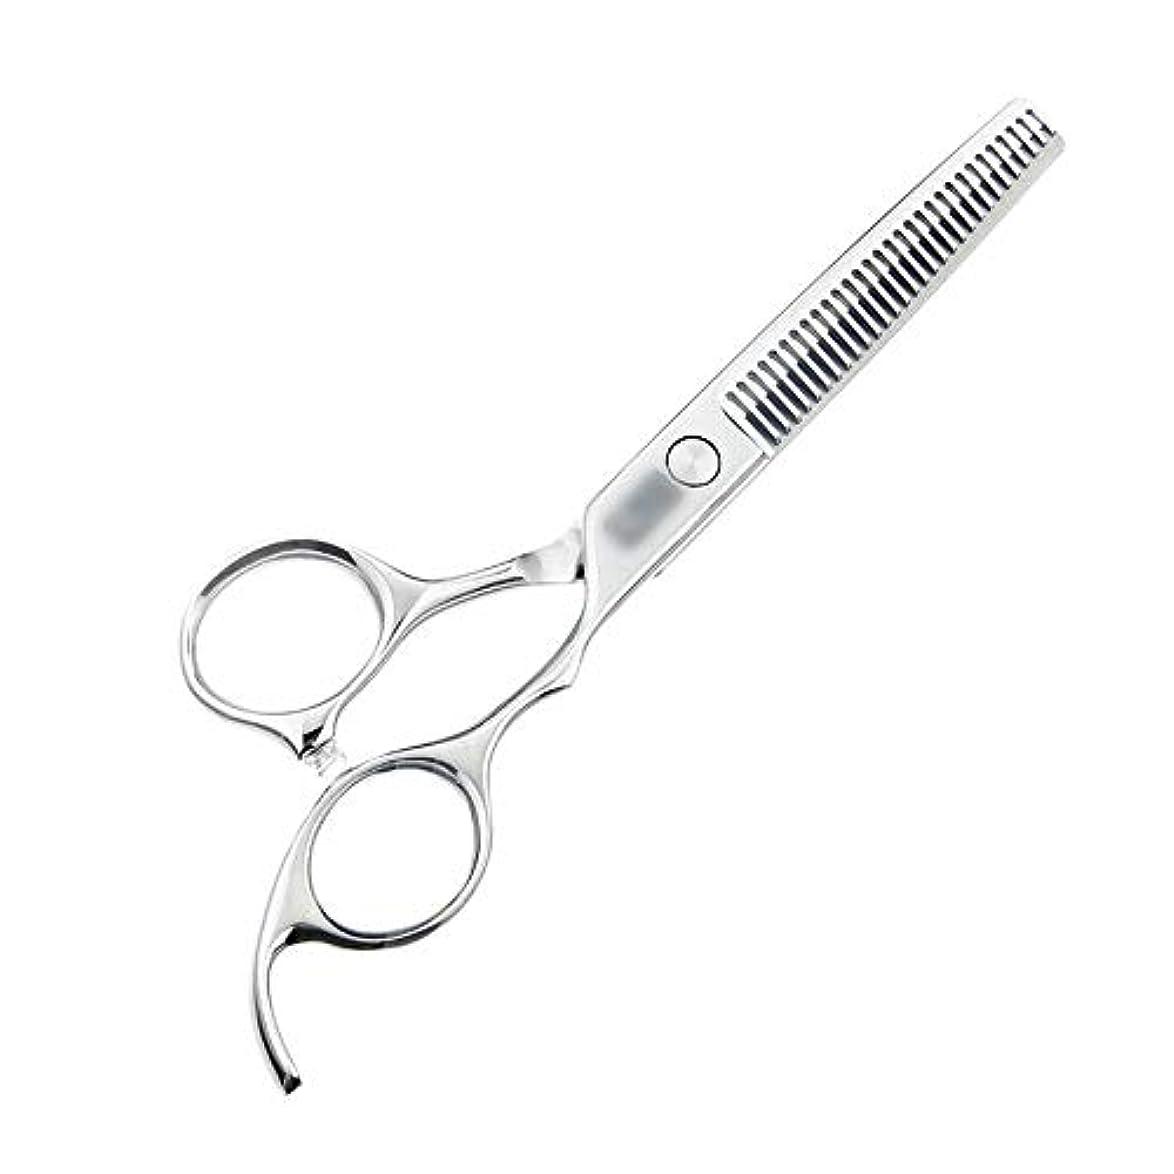 歪める保存飲料Jiaoran 6インチハイグレード440C理髪はさみ、歯の切断、間伐とカットの髪はさみ、美容院プロの理髪はさみ (Color : Silver)